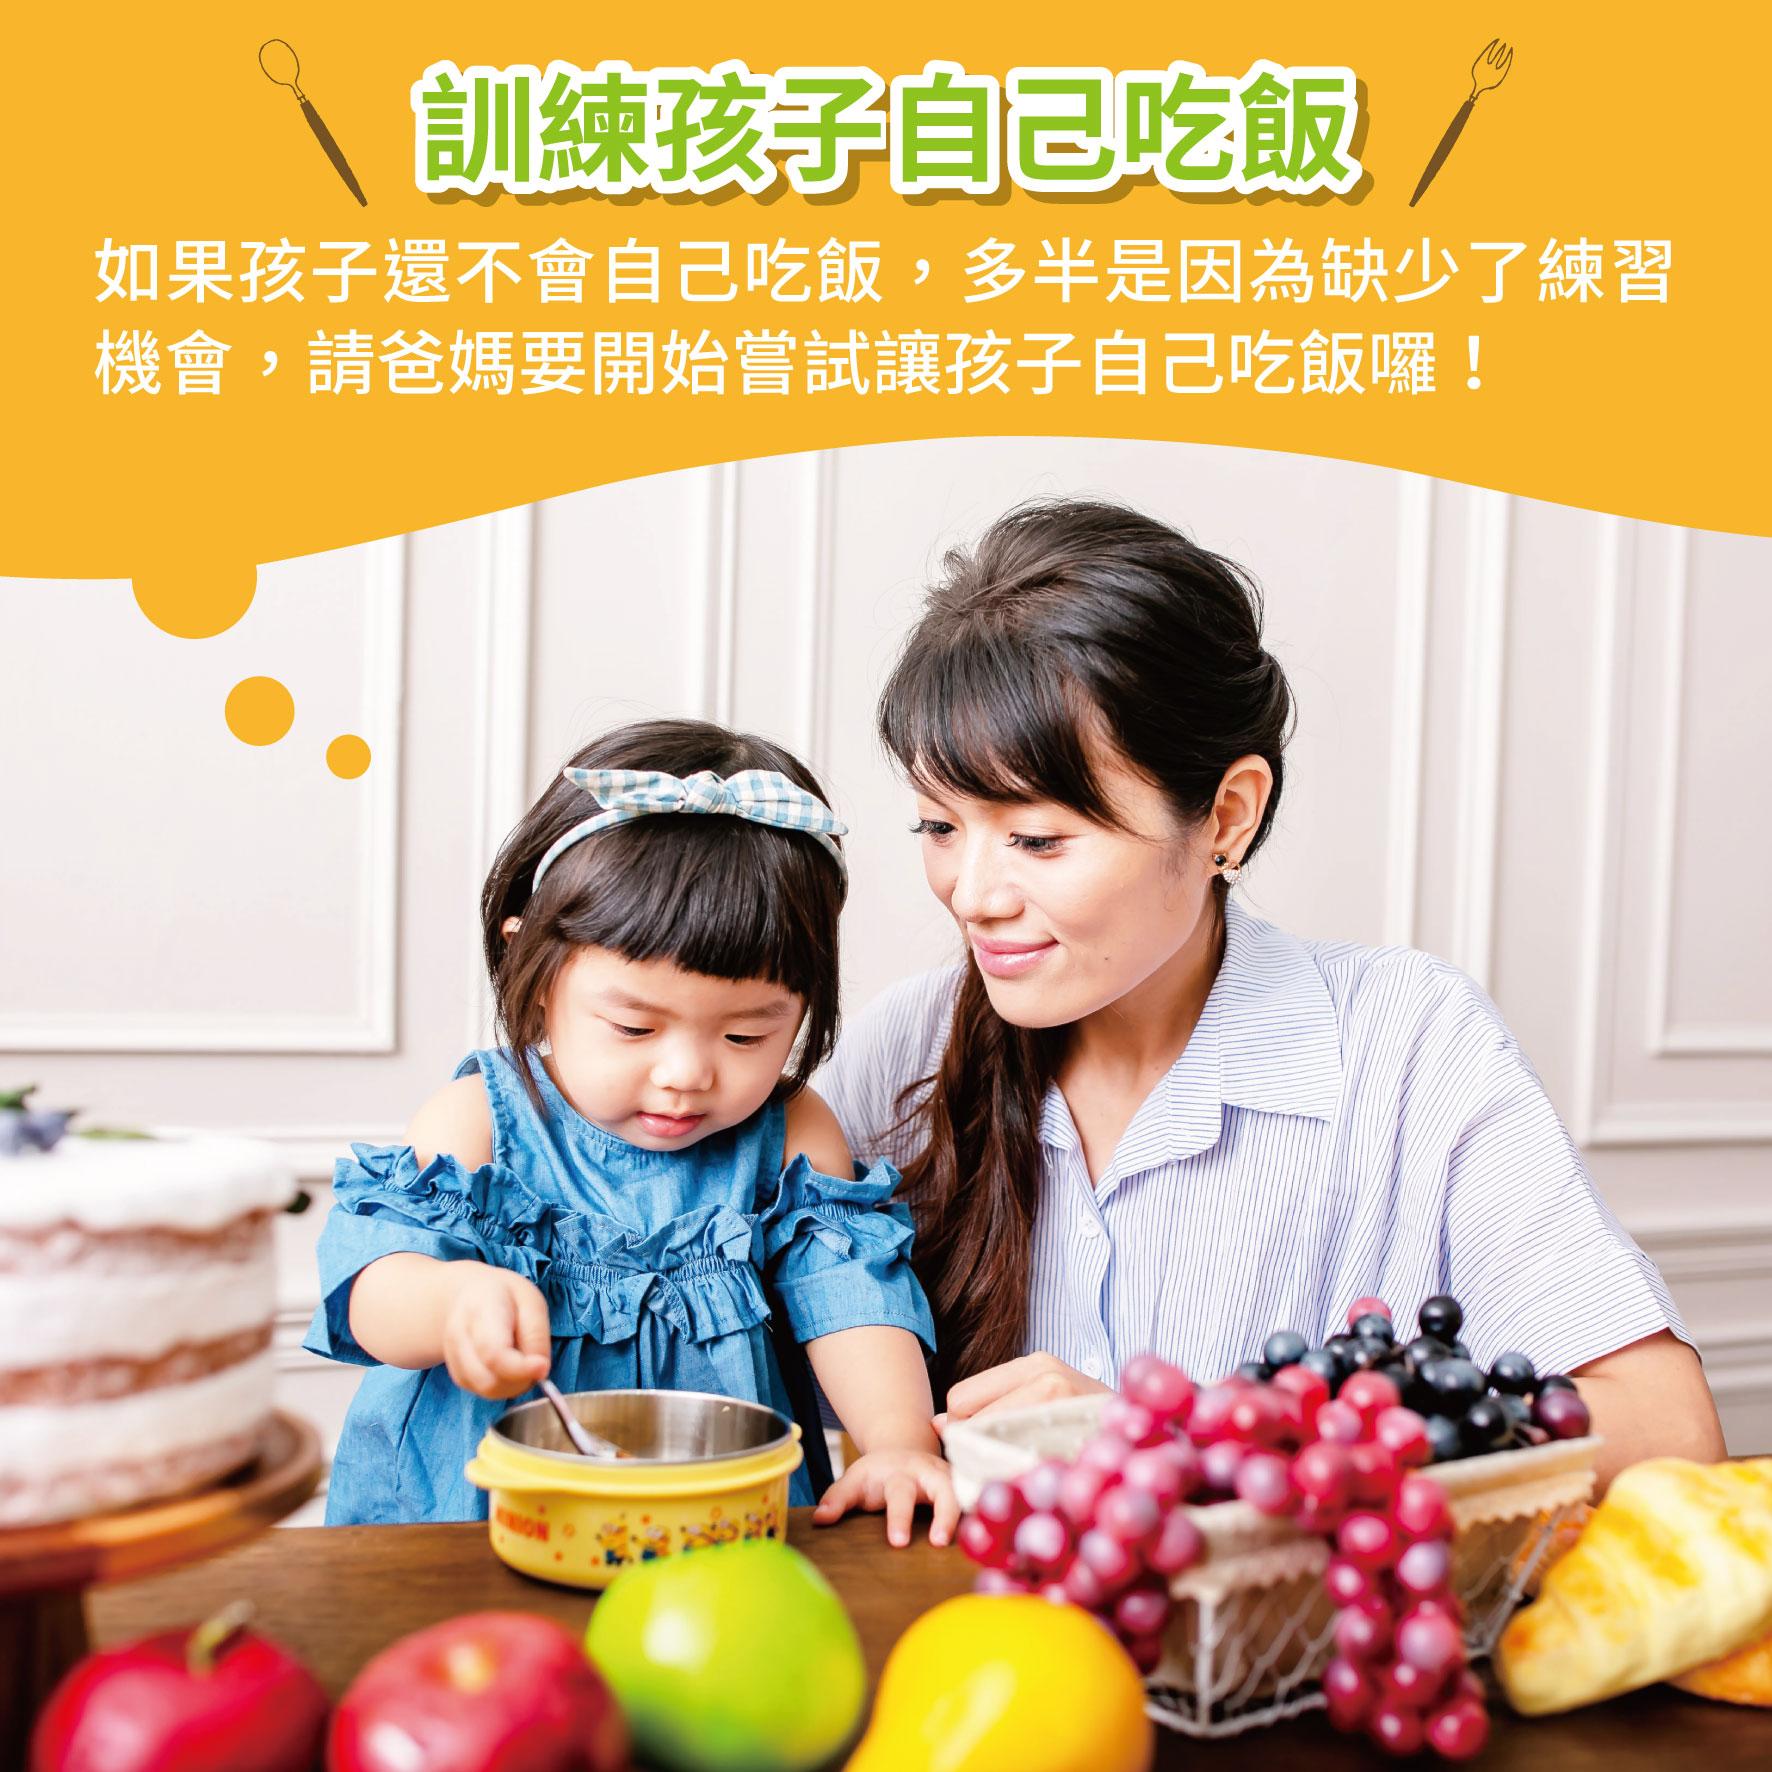 寶寶篇第2週-親子互動促進五感發展